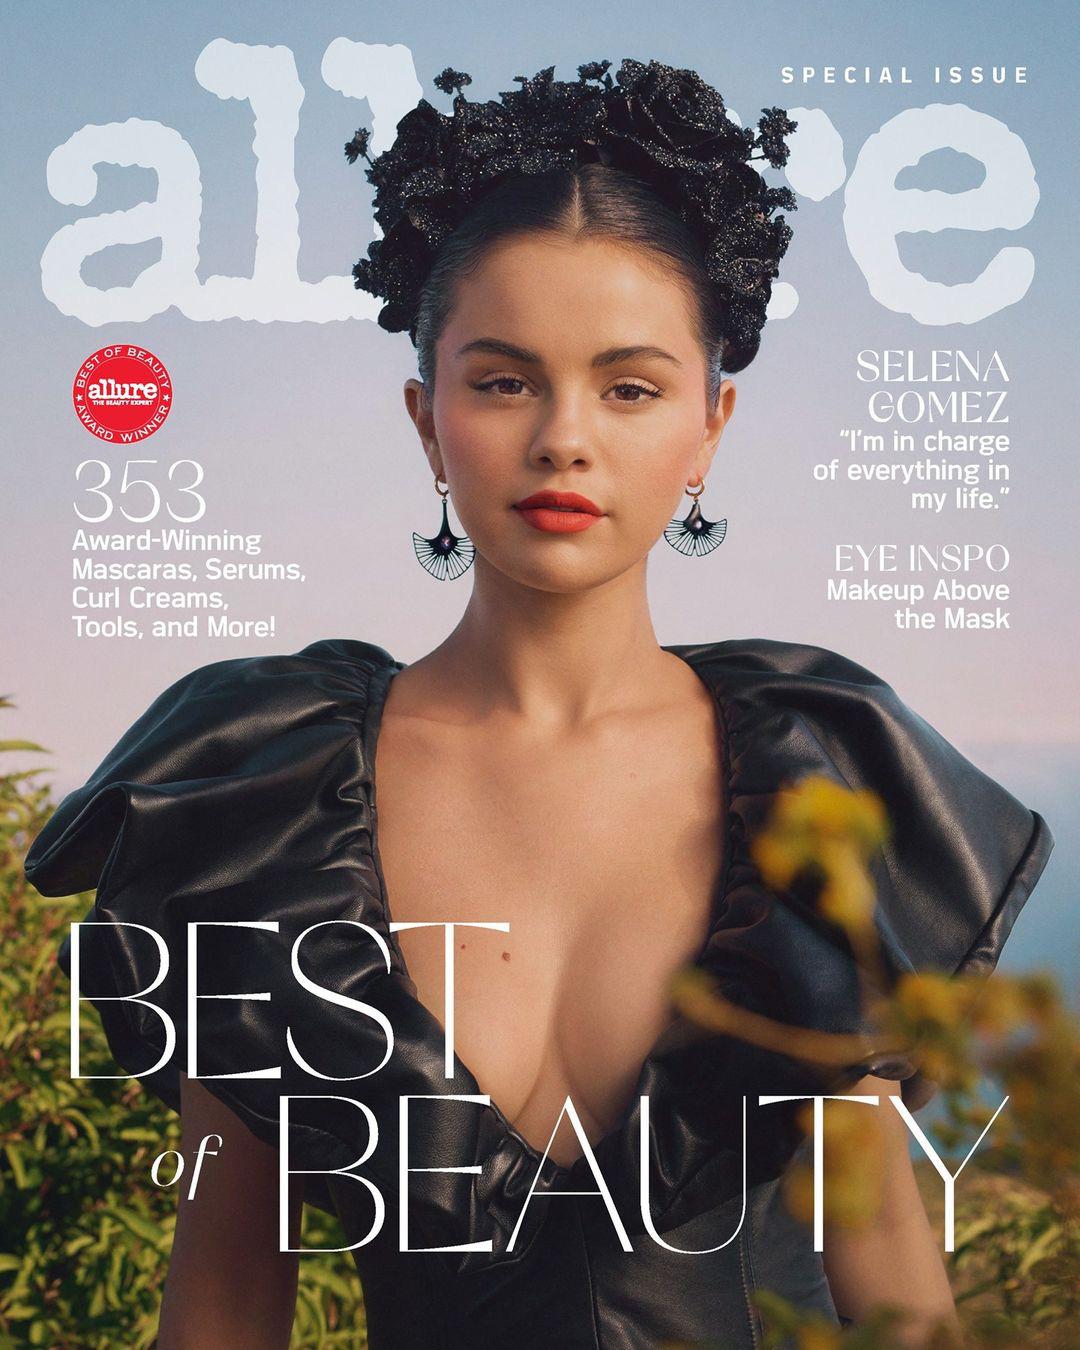 Lâu lắm mới tái xuất chặt chém thảm đỏ nhưng Angela Phương Trinh học tập Selena Gomez thì phải? - Ảnh 4.